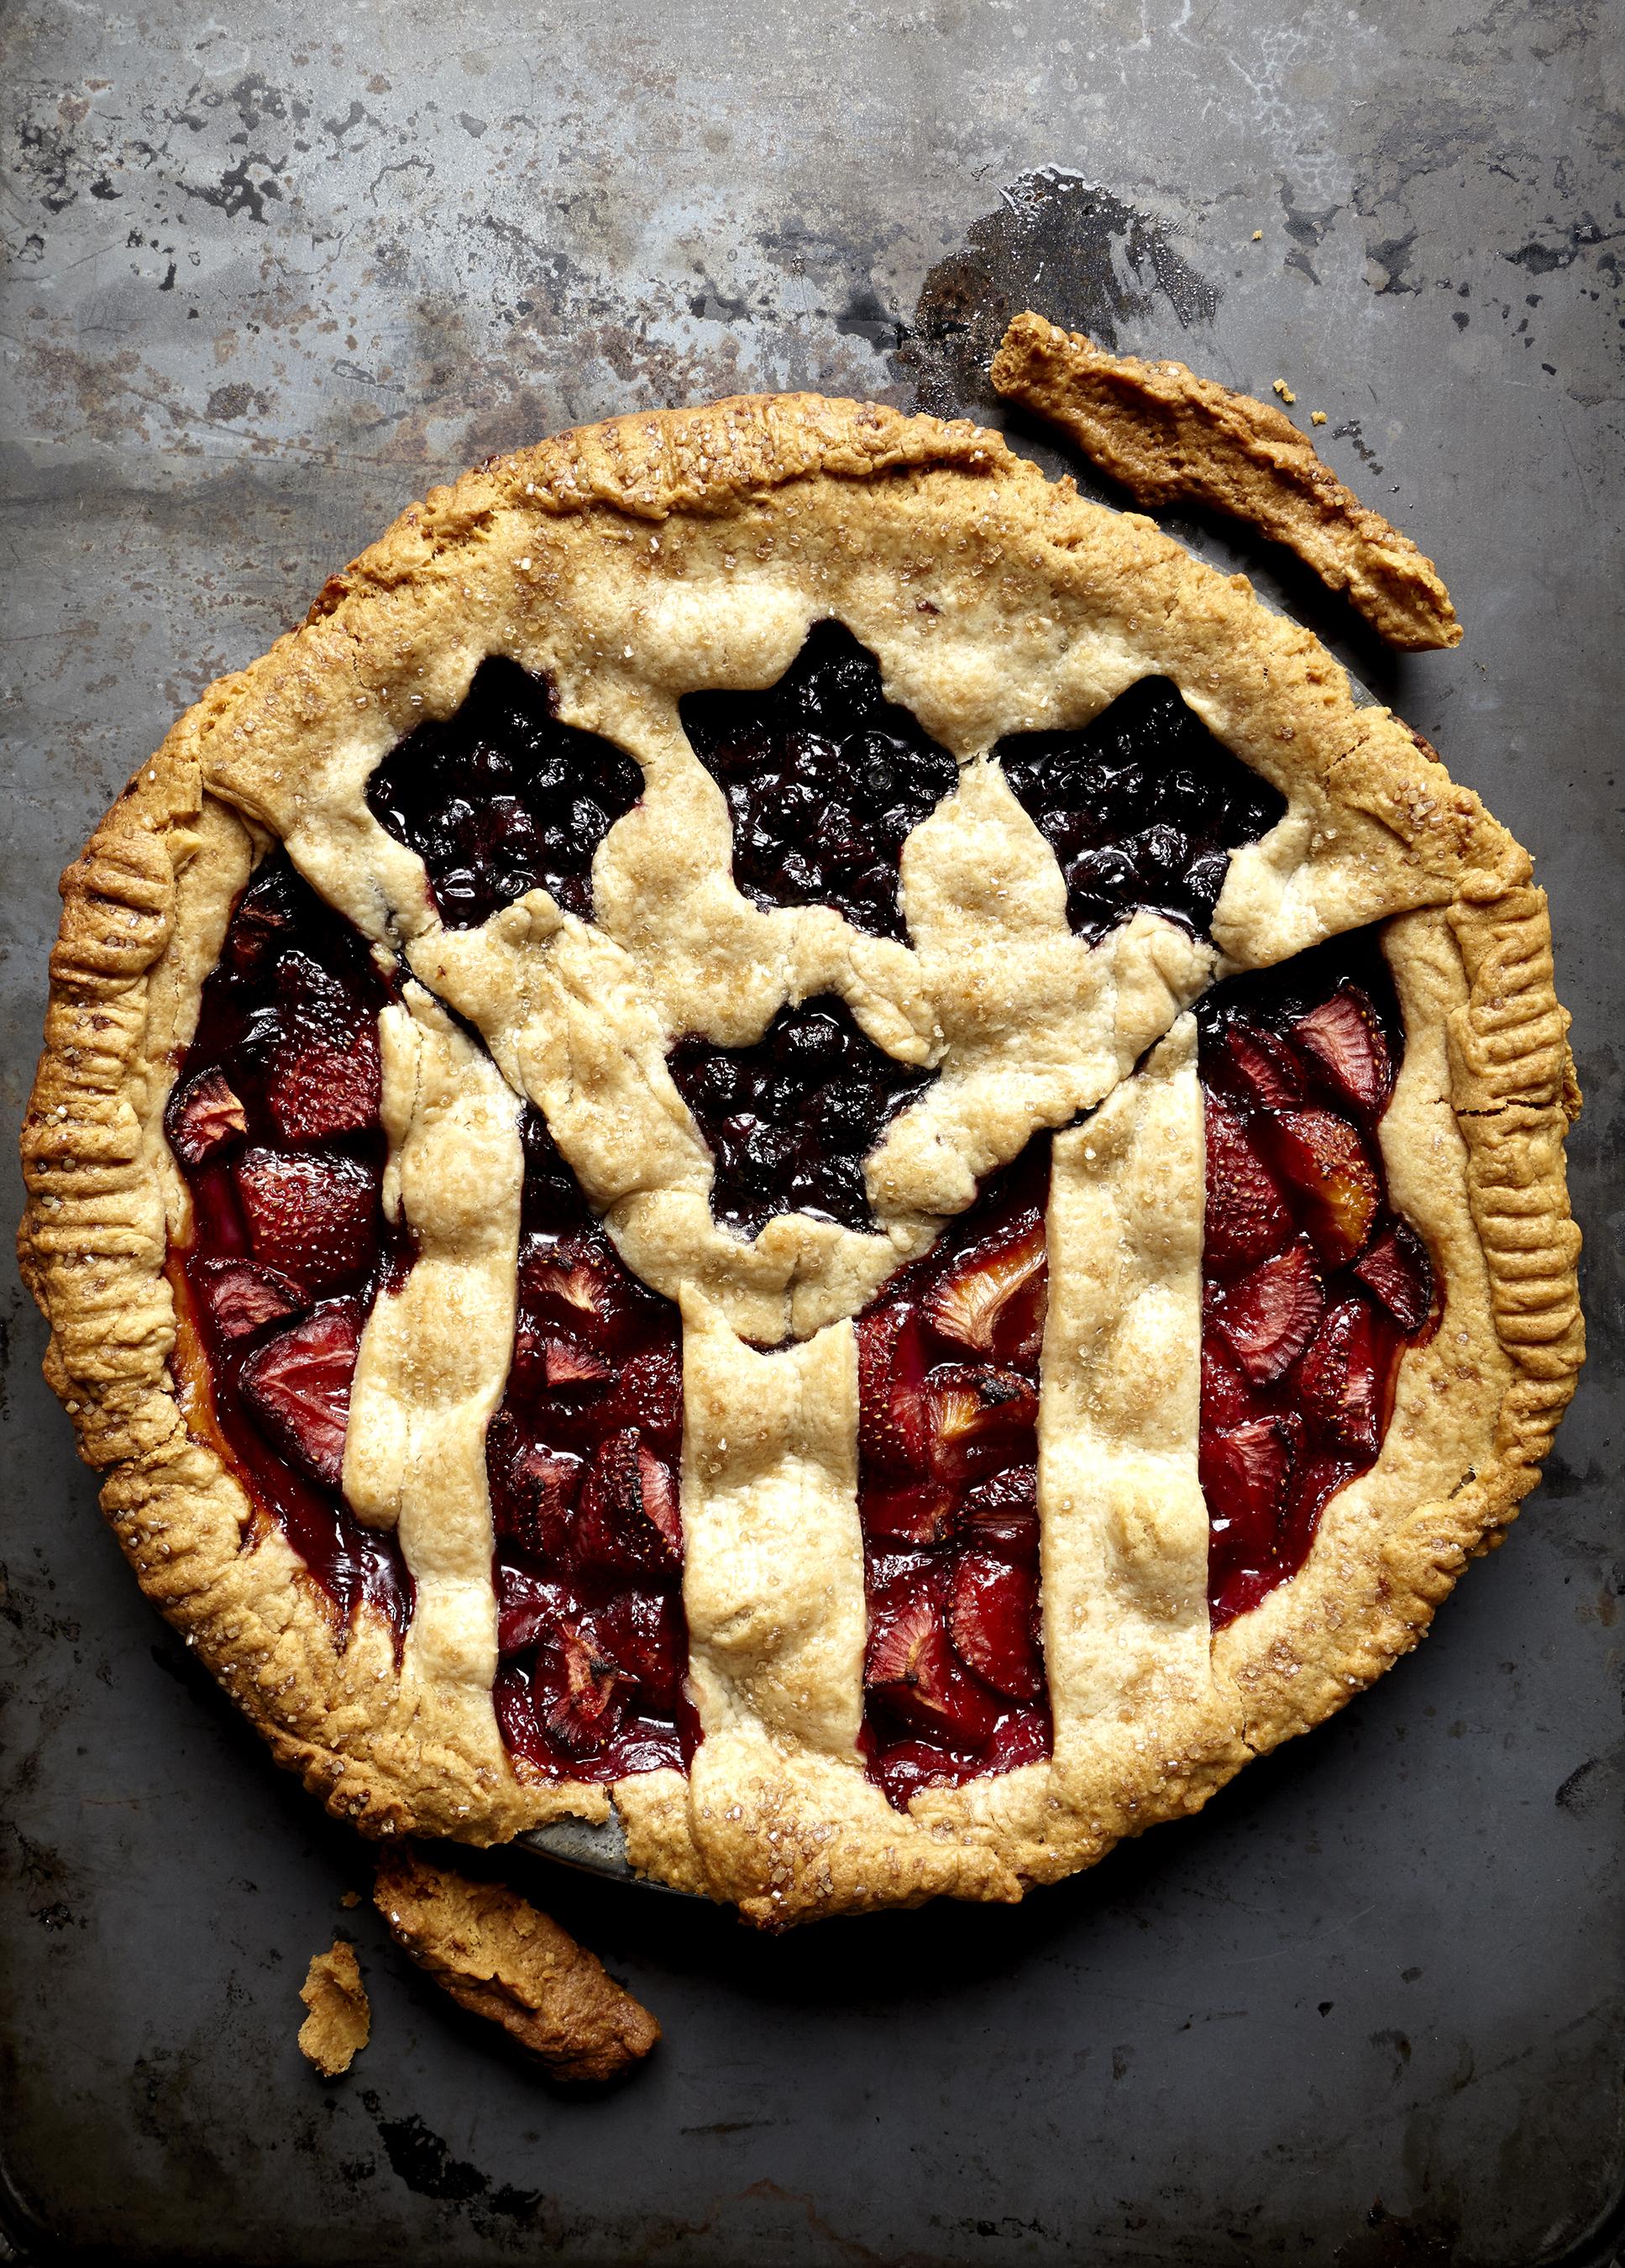 Dimity_americanpie